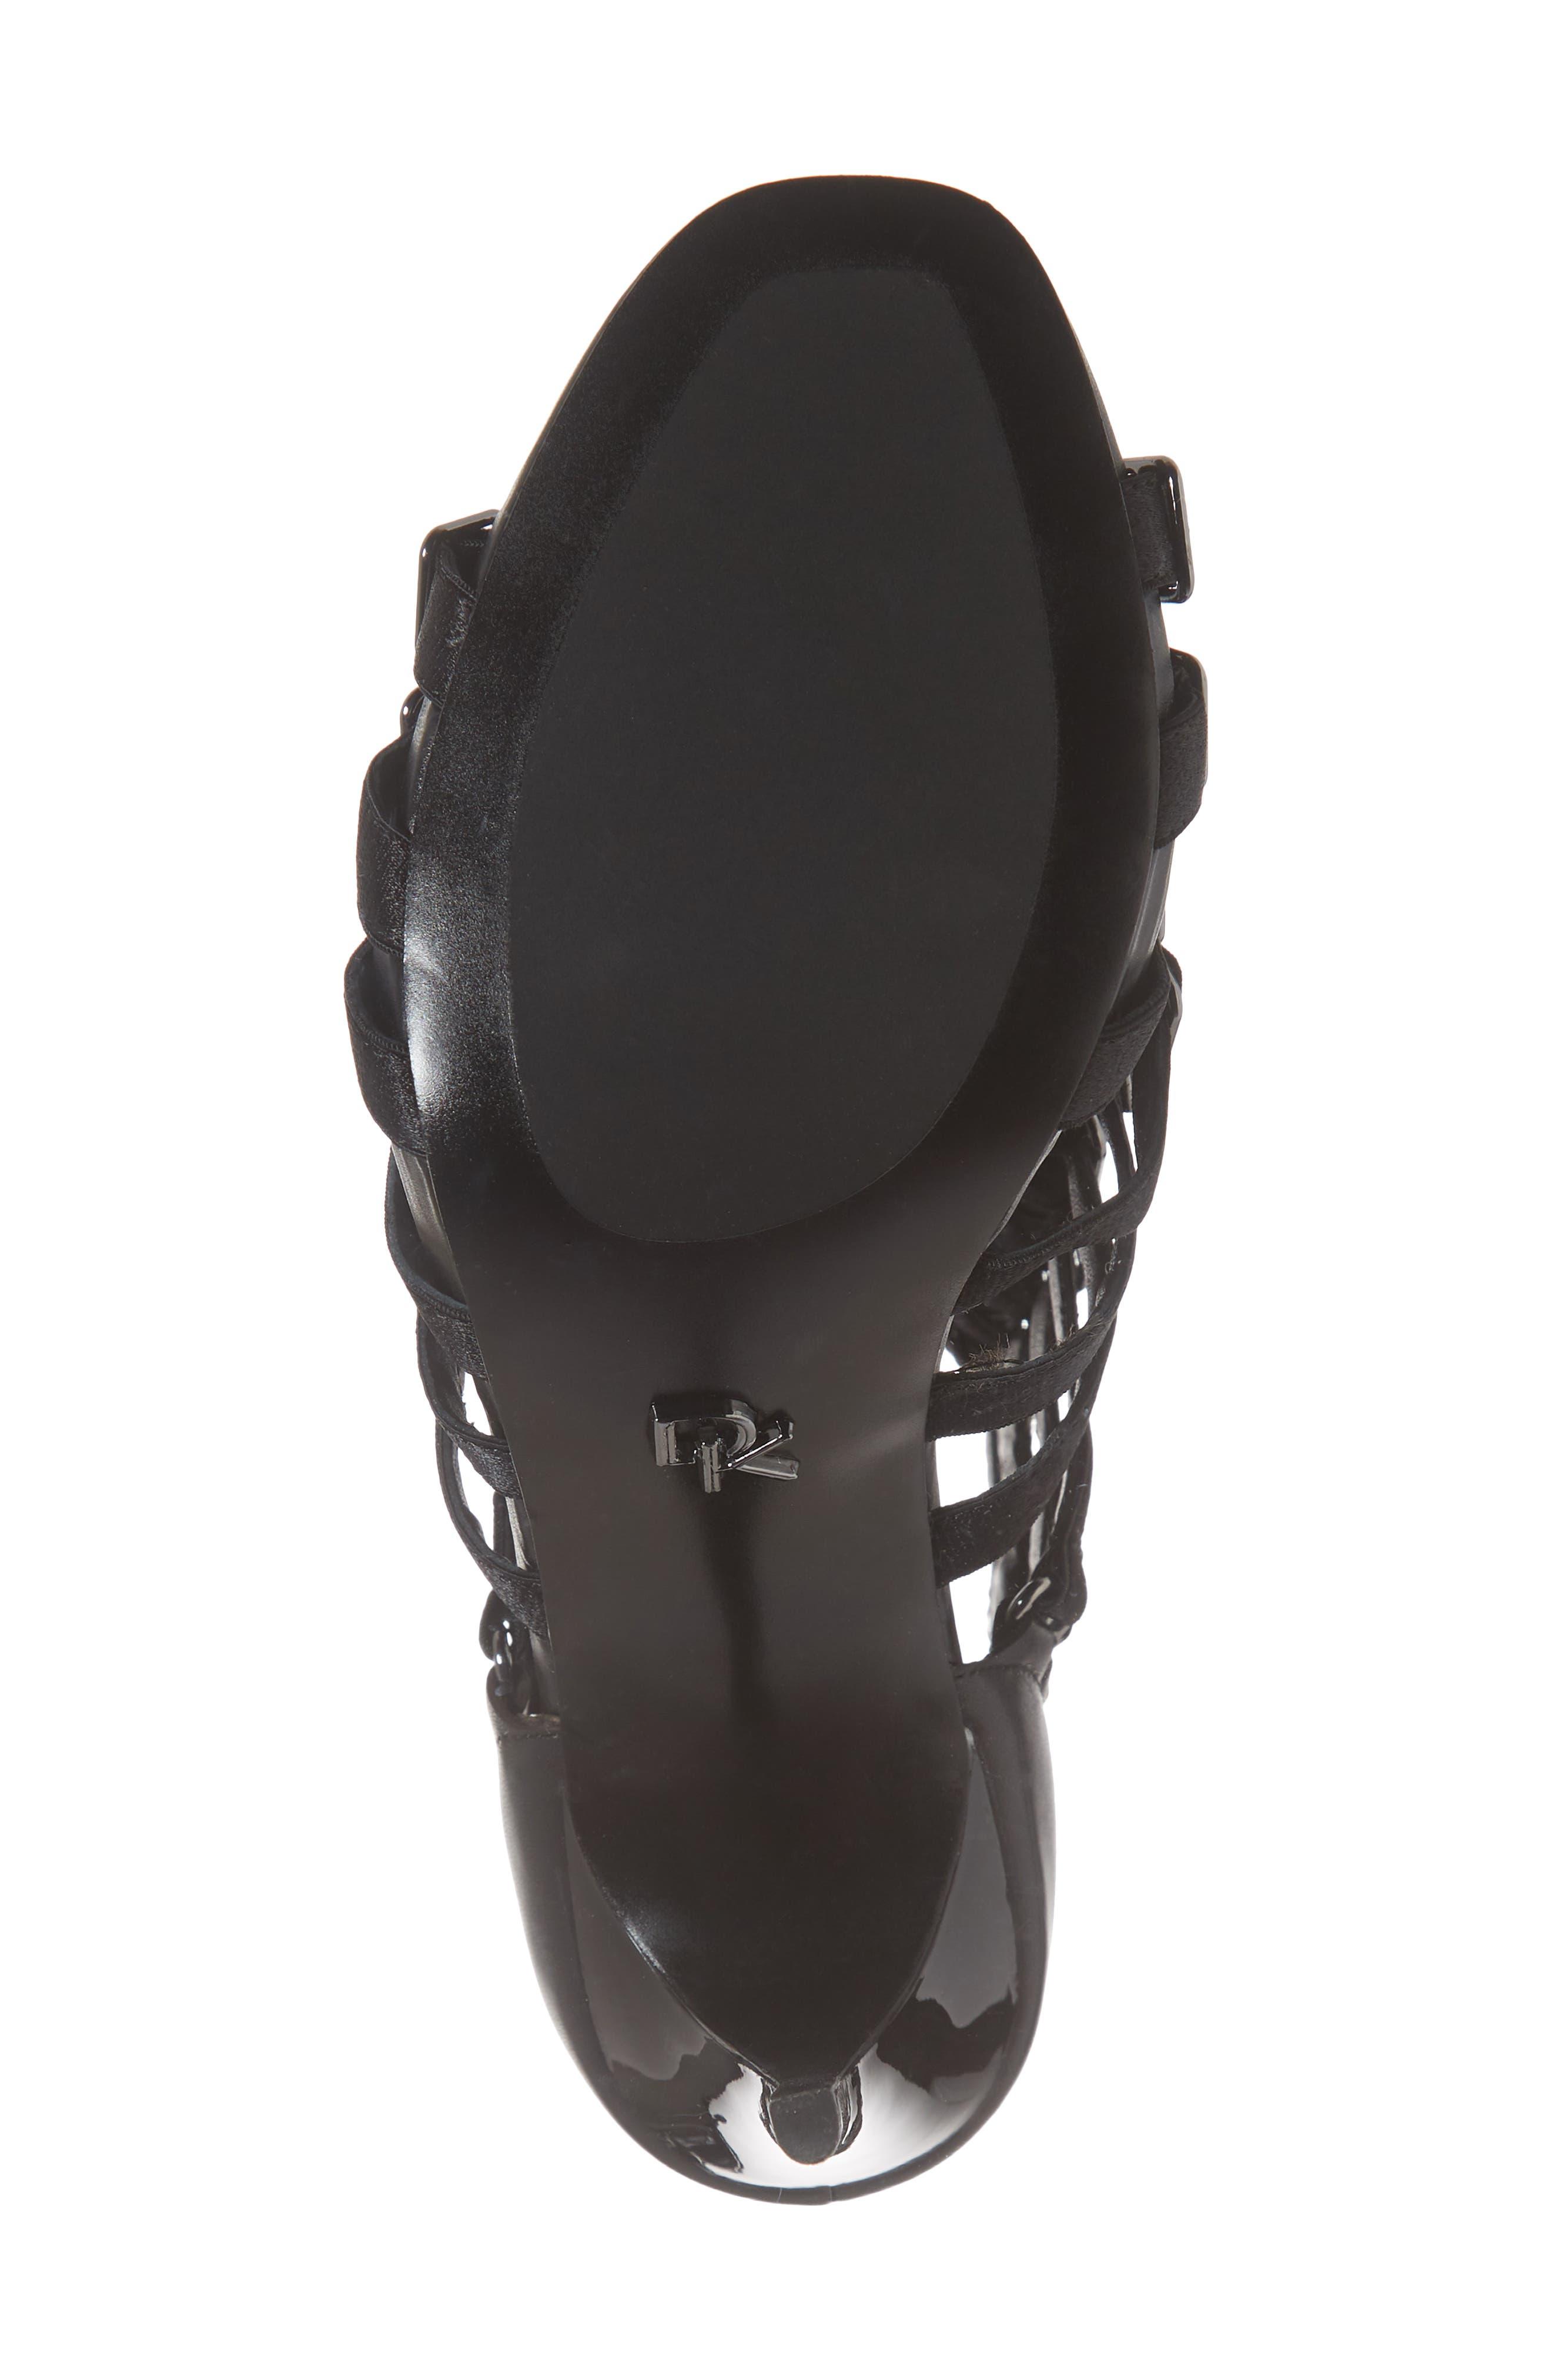 Donna Karan Kat High Sandal,                             Alternate thumbnail 6, color,                             BLACK CALF/ SATIN